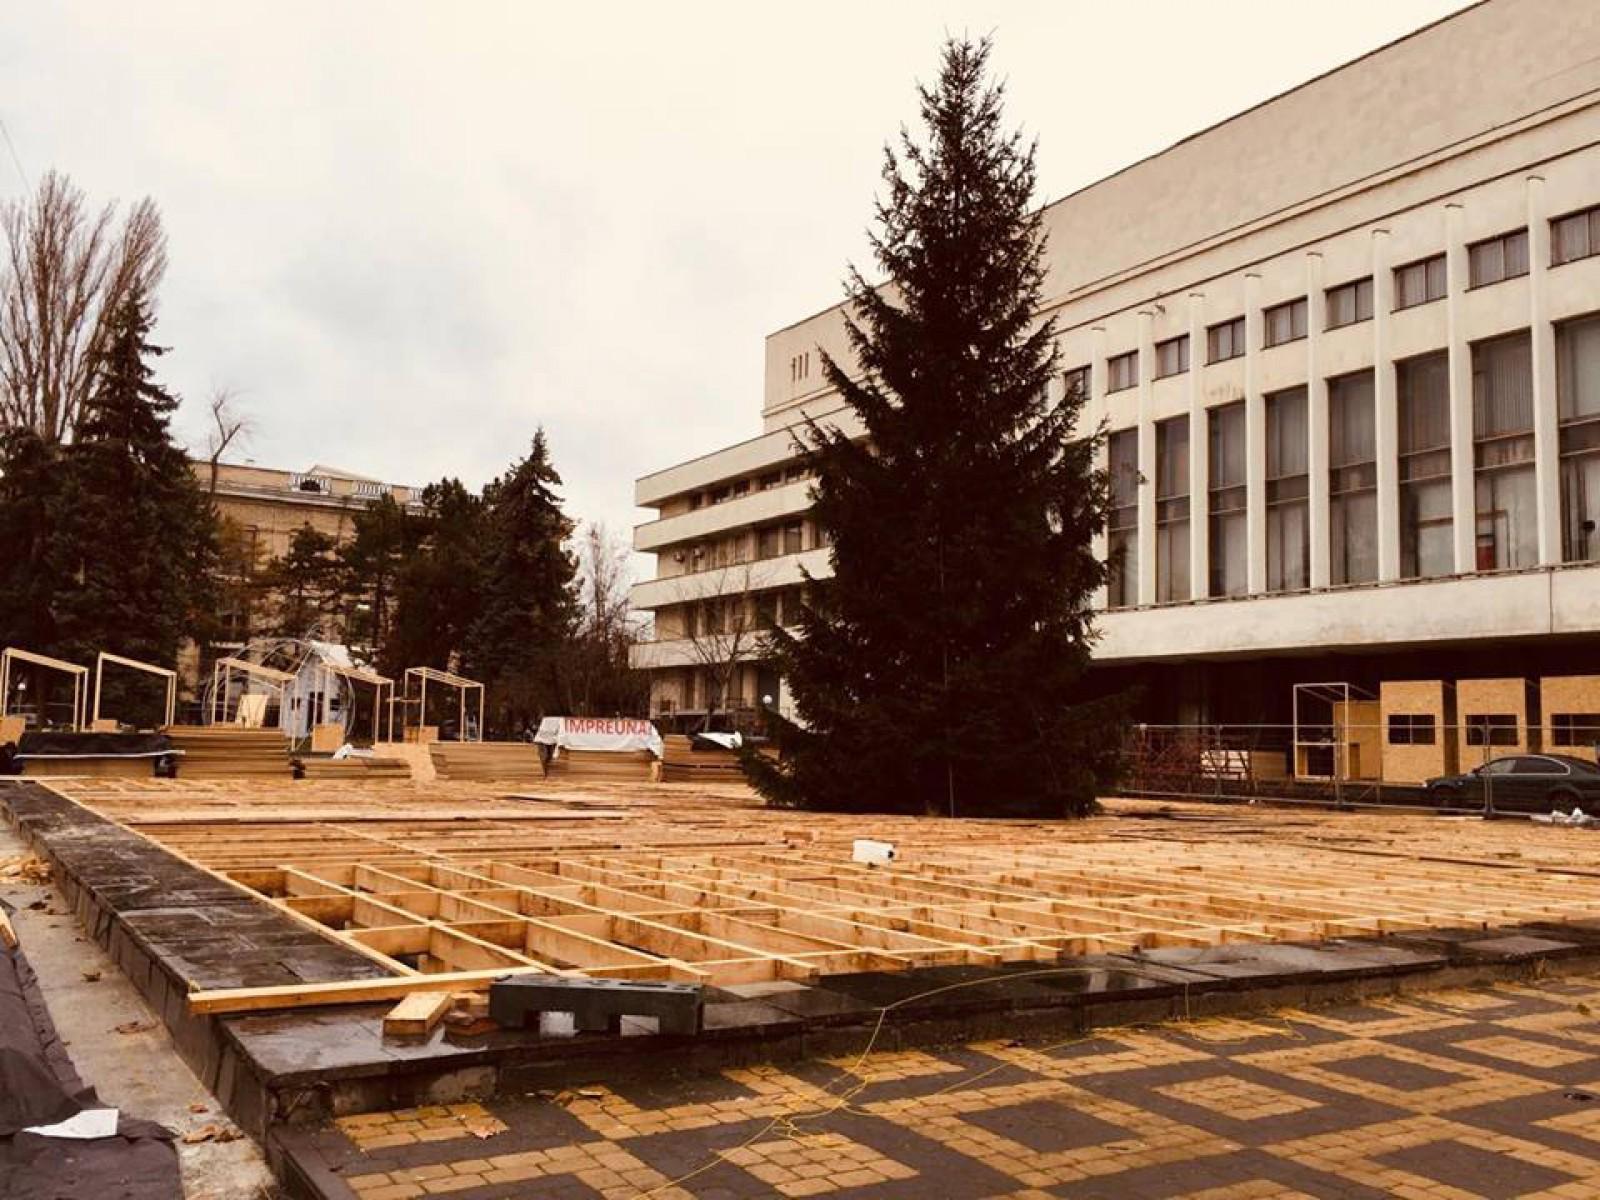 (foto) Pregătirile de sărbători de pe 31 August, aproape gata: Cel de-al doilea brad de Crăciun a fost instalat